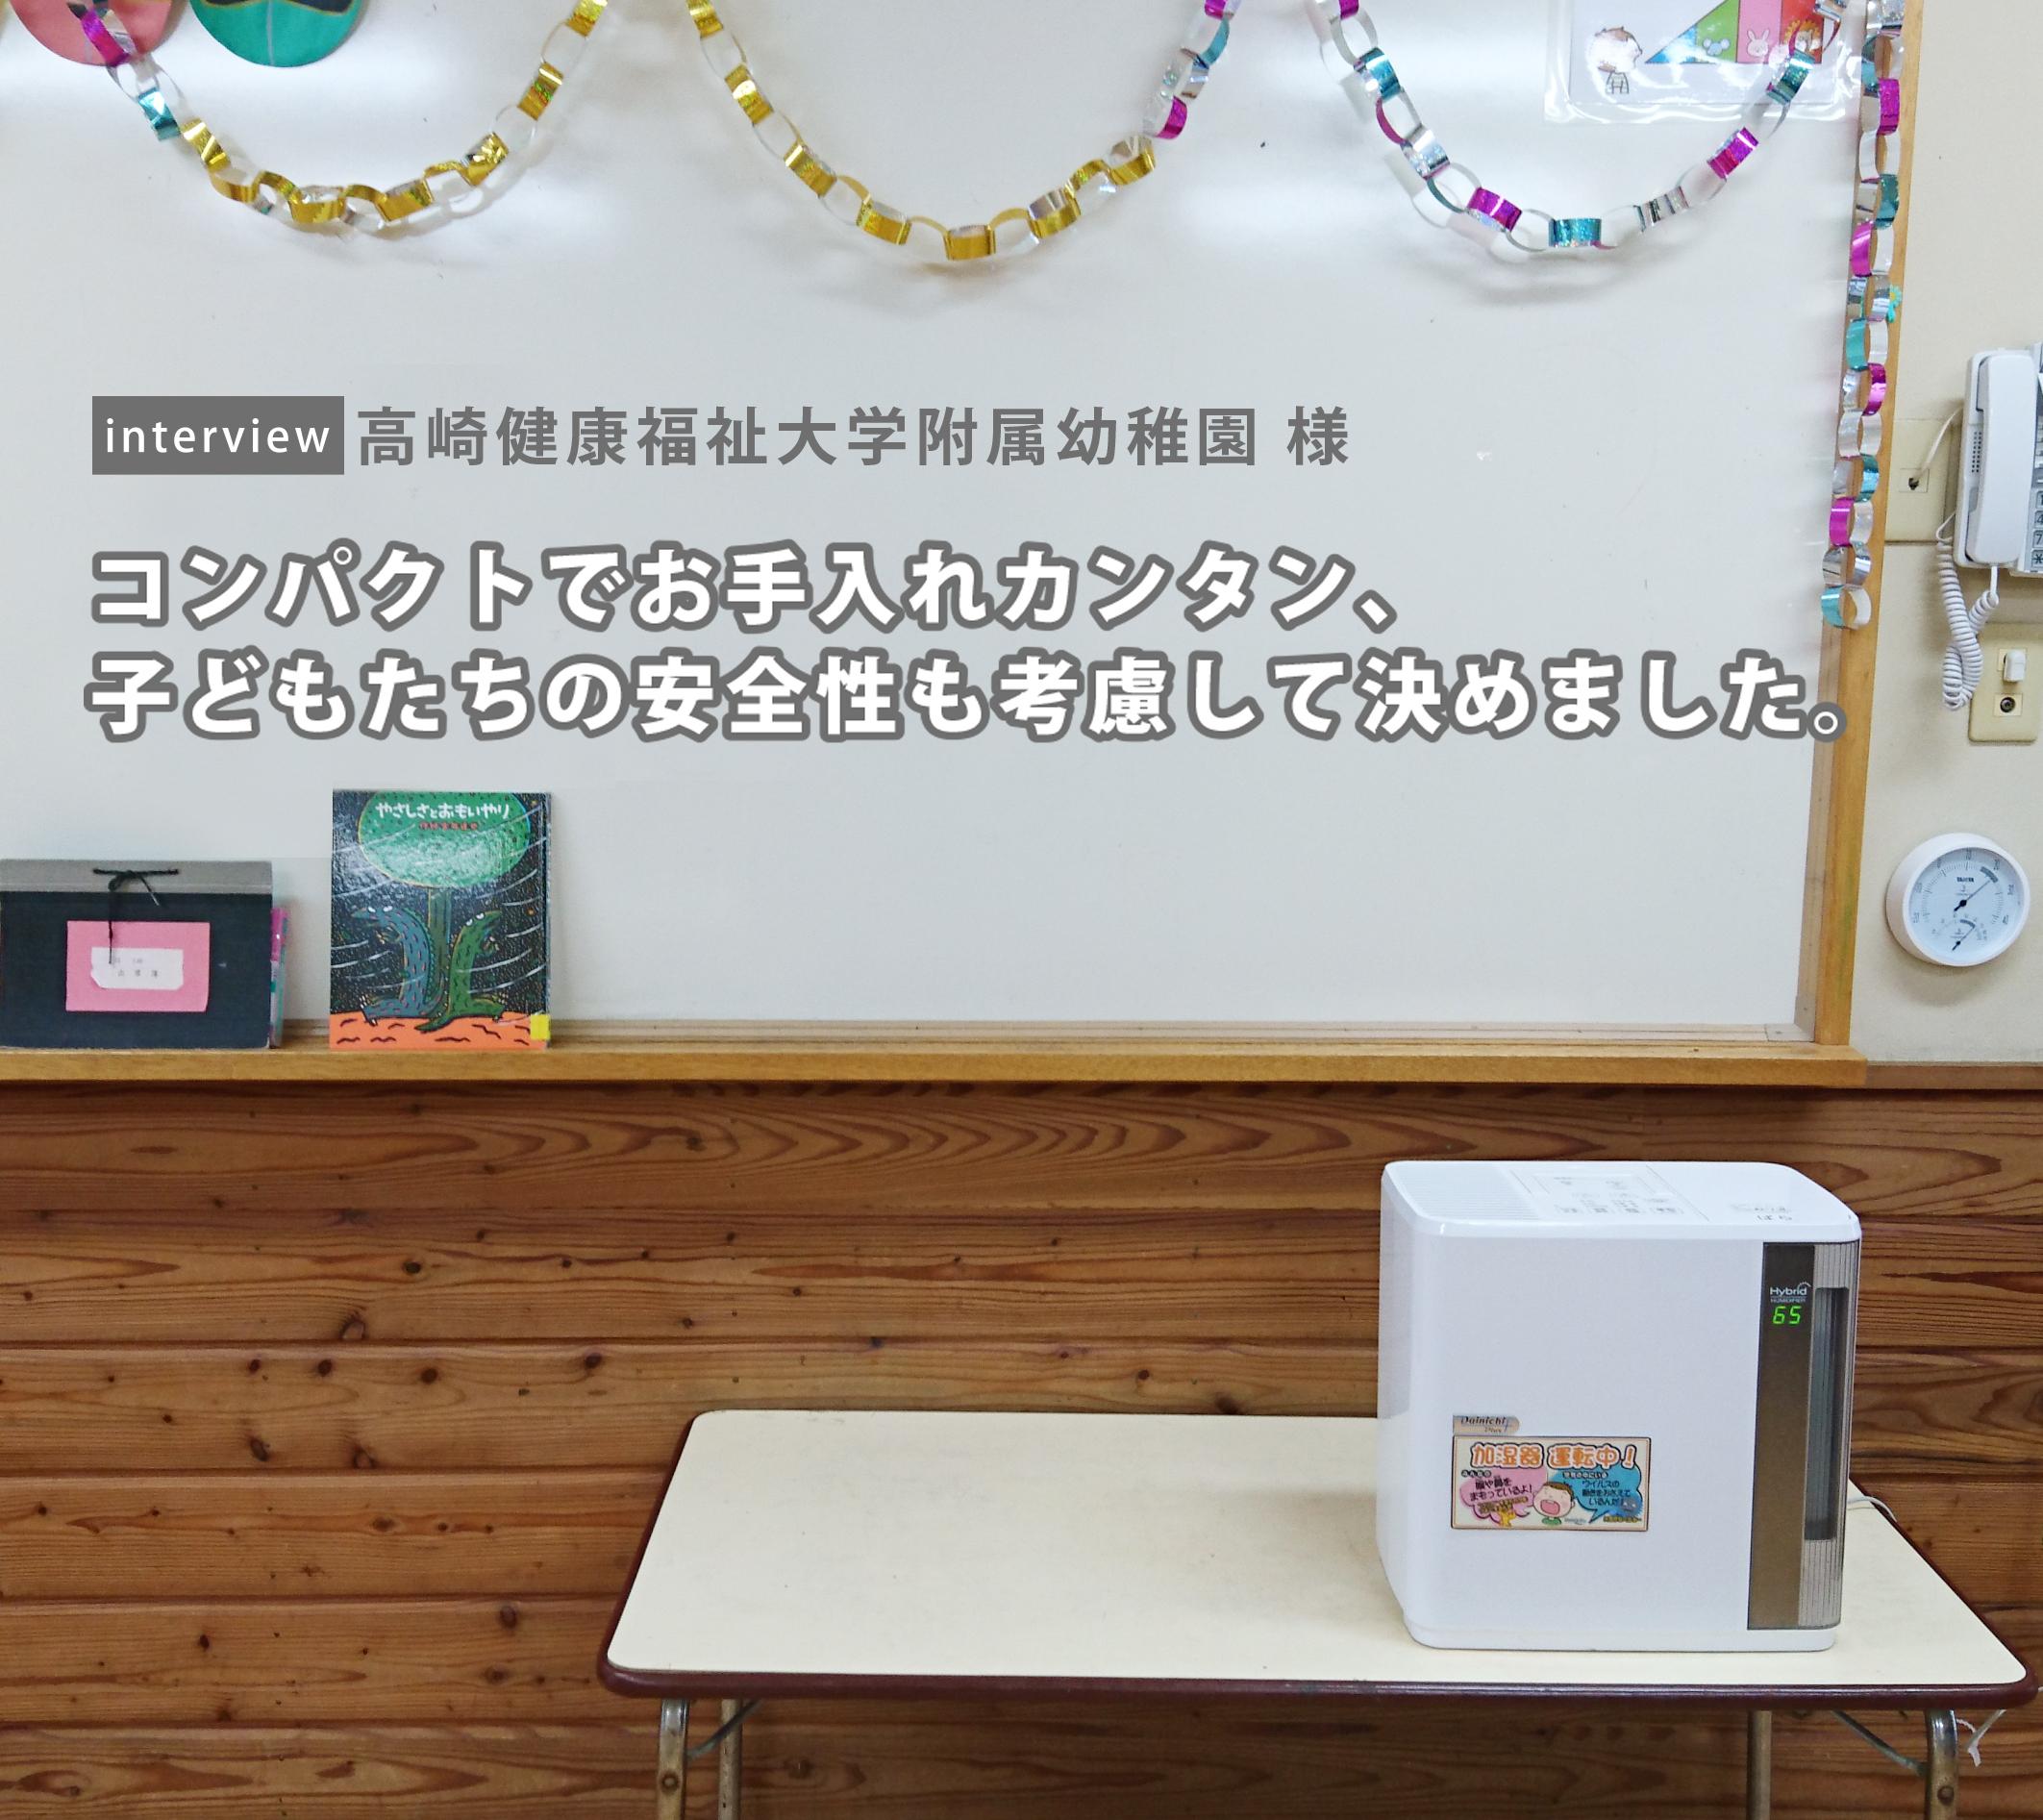 高崎健康福祉大学附属幼稚園に設置された加湿器